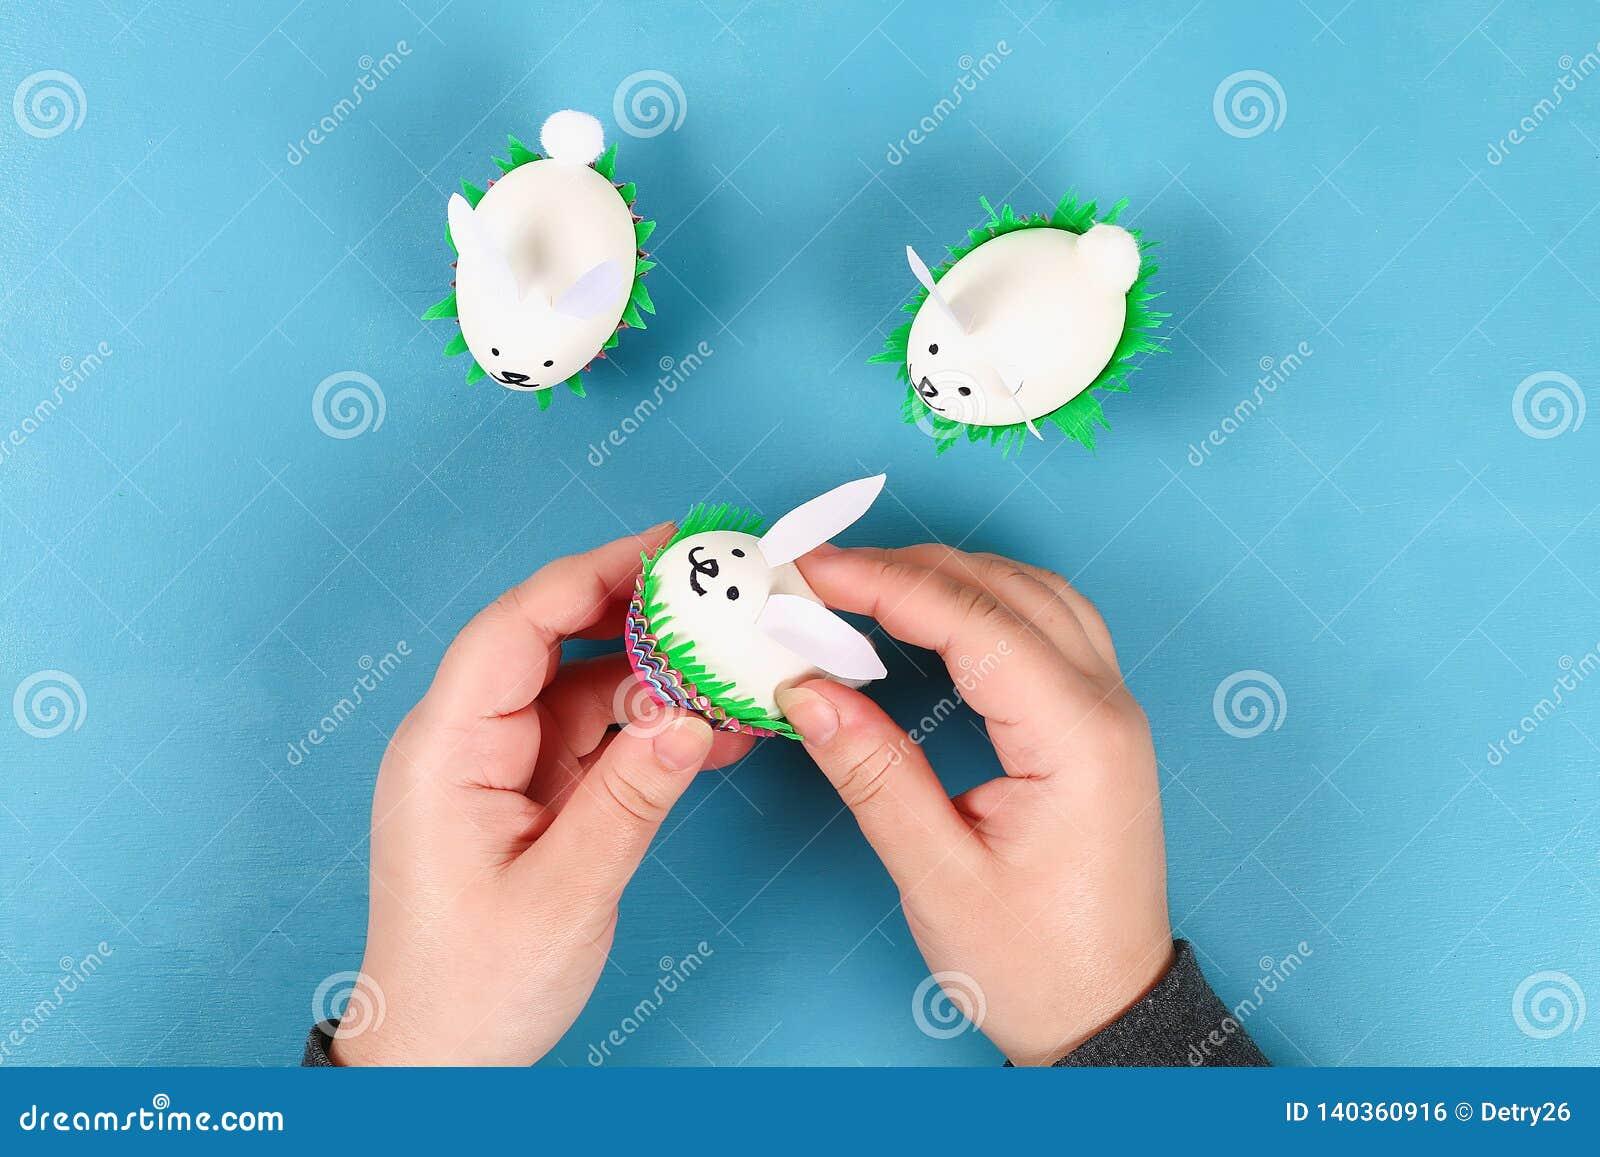 Diy kanin från easter ägg på blå bakgrund Gåvaidéer, dekorpåsk, vår handgjort